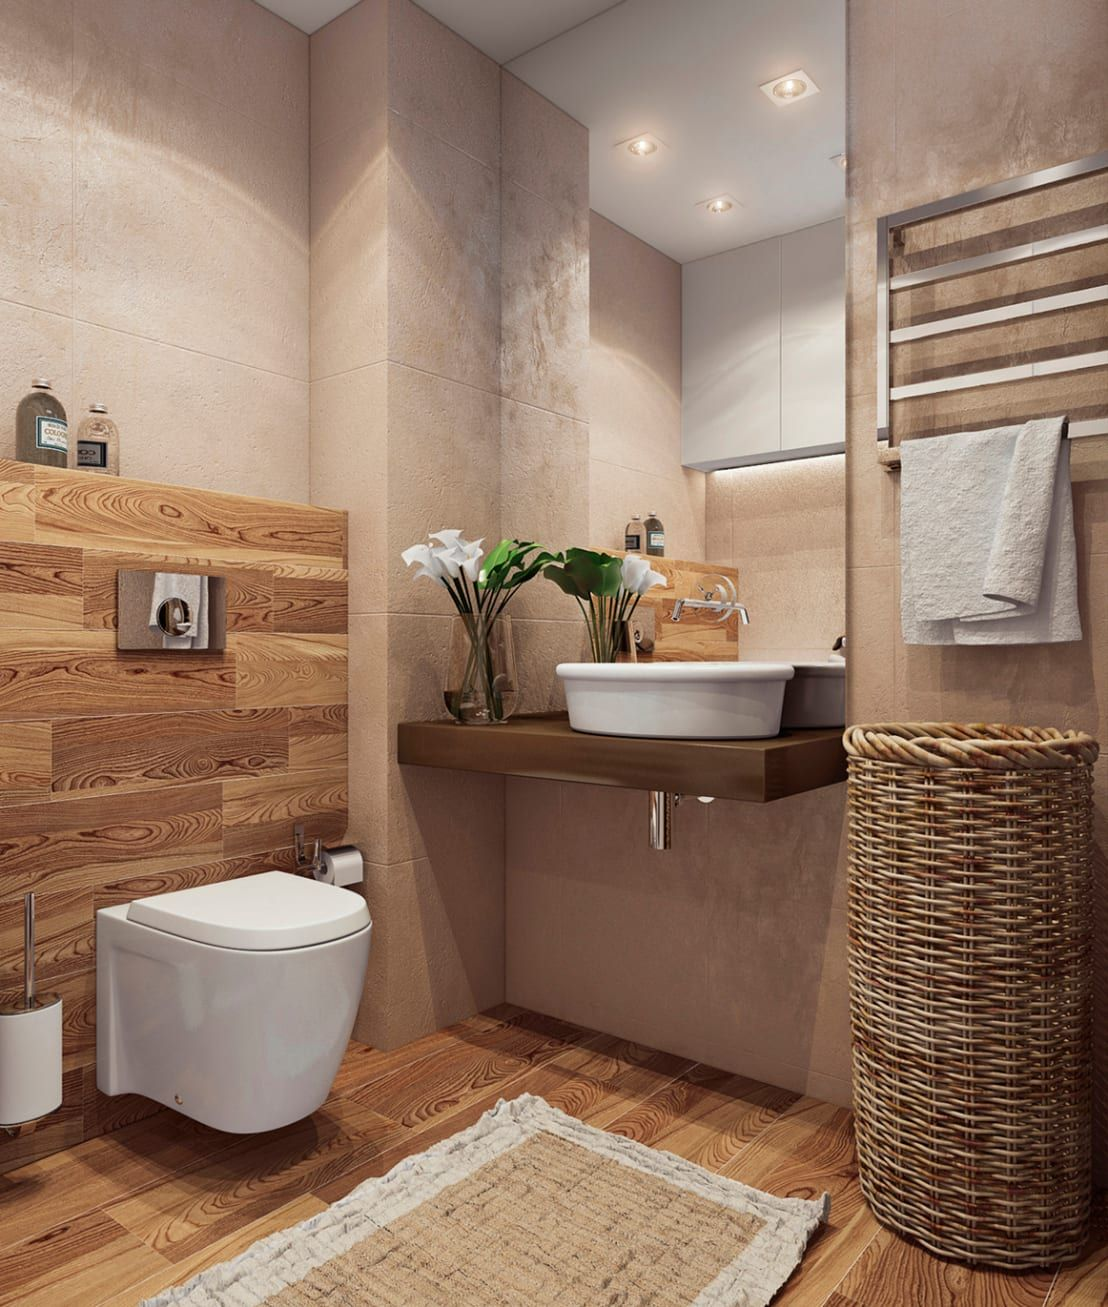 9 Kleine Badezimmer Die Du Sehen Solltest Bevor Du Deins Renovierst Banheiro Minimalista Casas De Banho Pequenas Lindos Banheiros